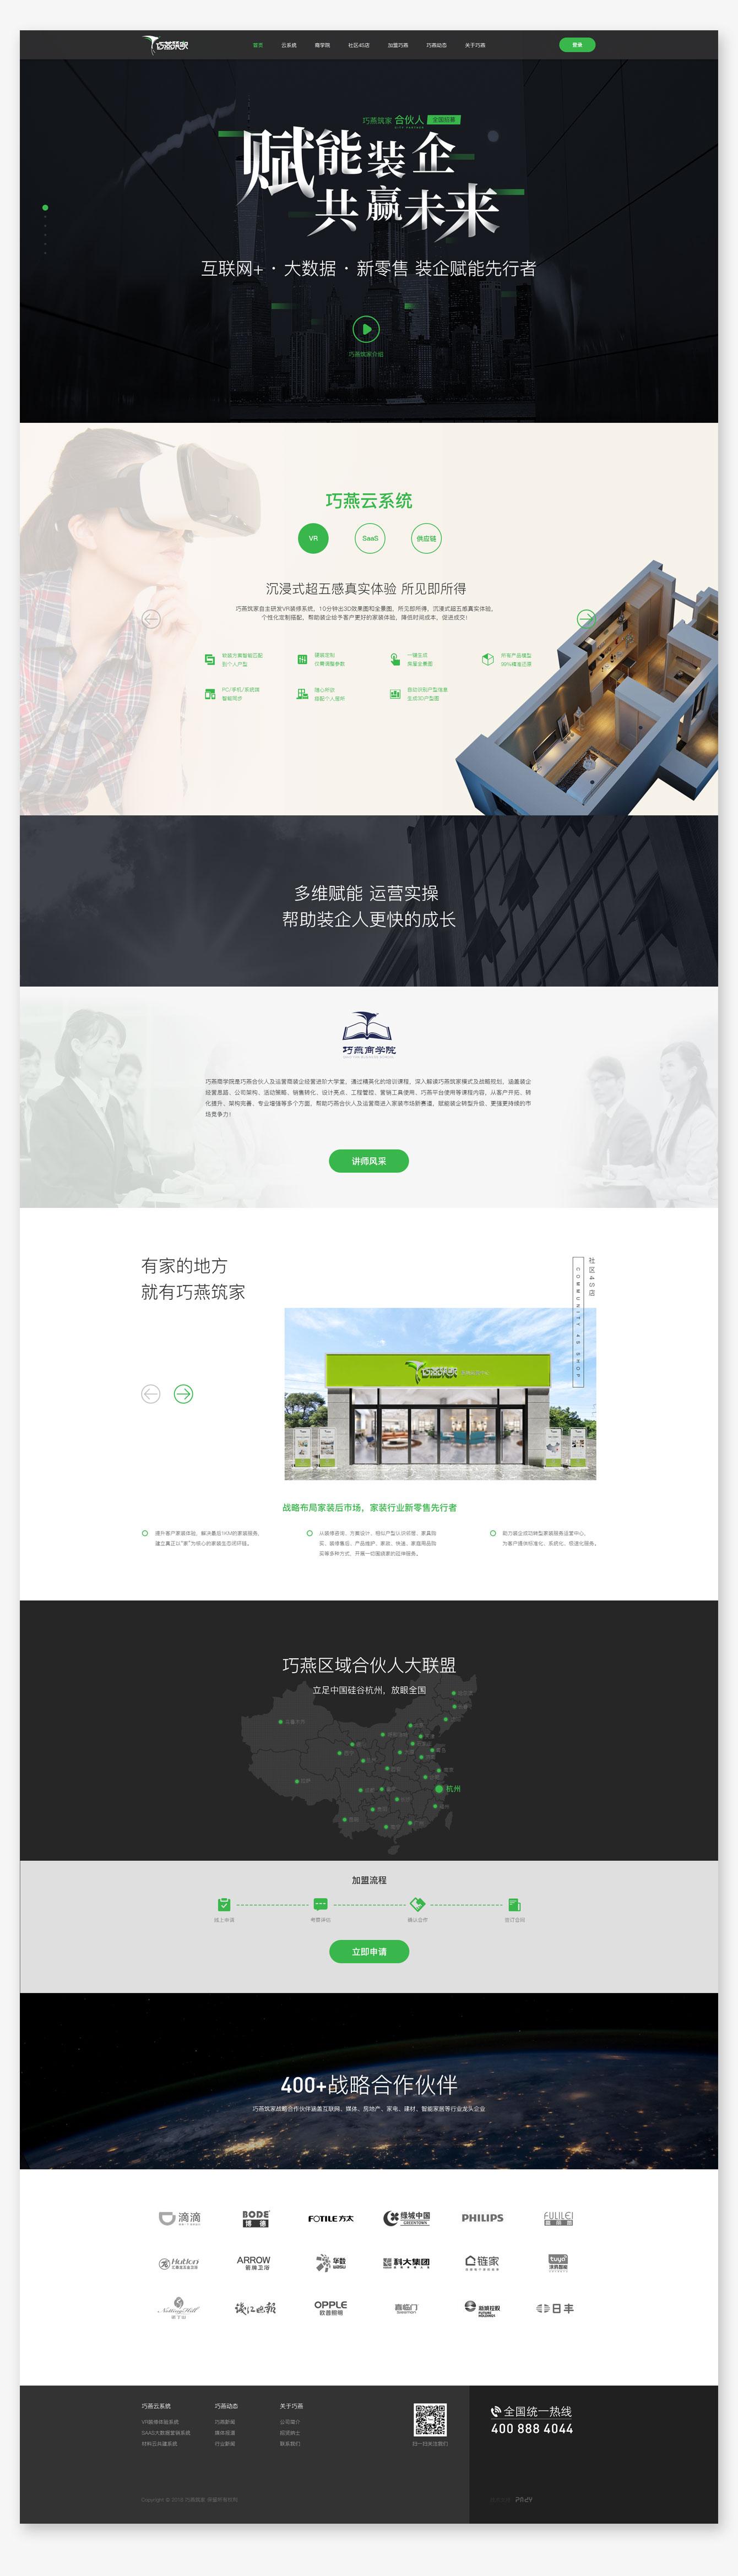 杭州西甲直播在线观看免费观看建设派迪科技案例之-巧燕筑家